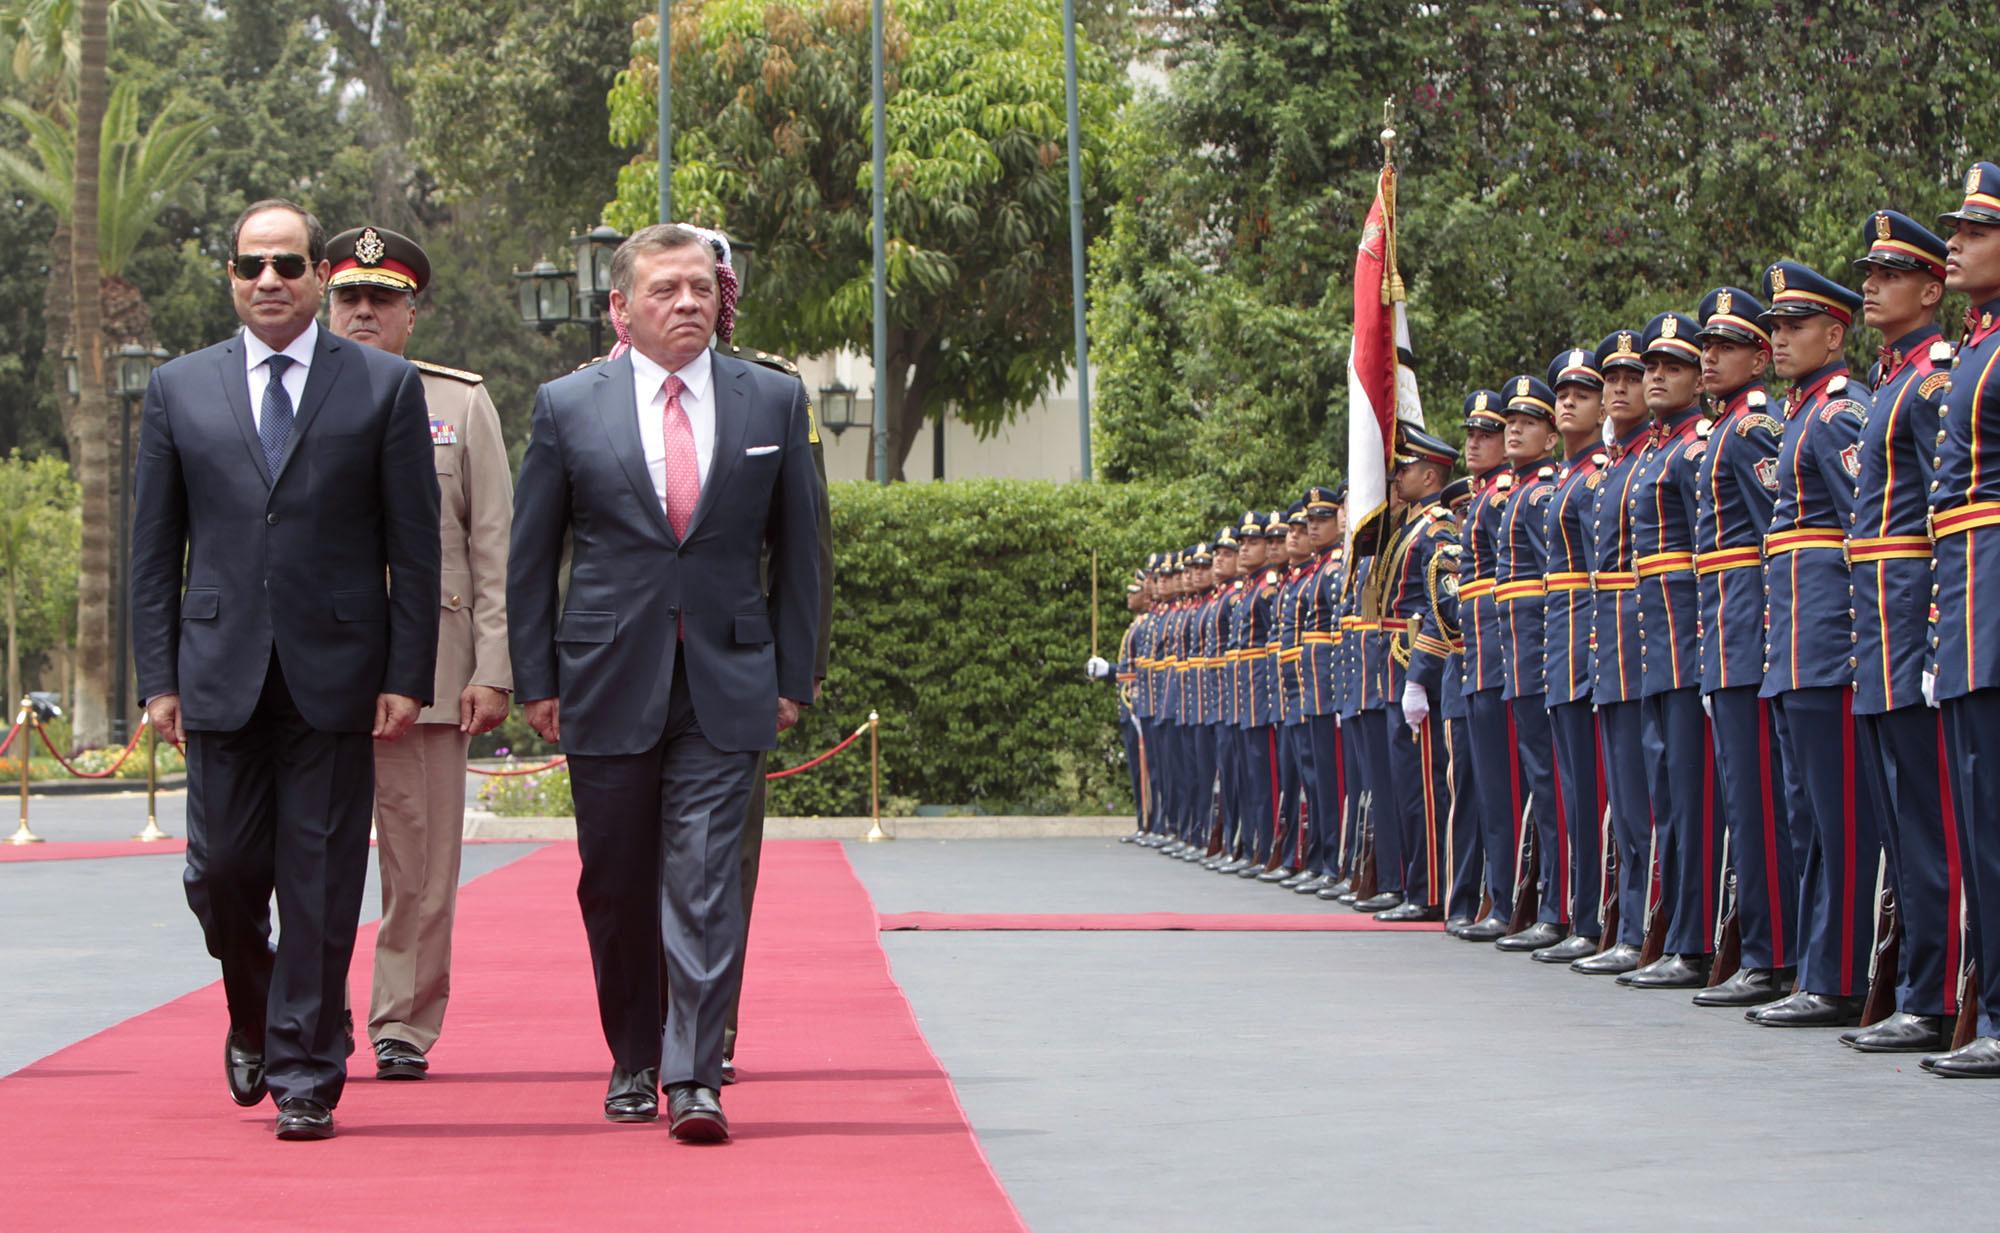 العاهل الأردني الملك عبد الله الثاني والرئيس المصري عبد الفتاح السيسي خلال مراسم استقباله في زيارة سابقة للقاهرة.  (أ.ف.ب)